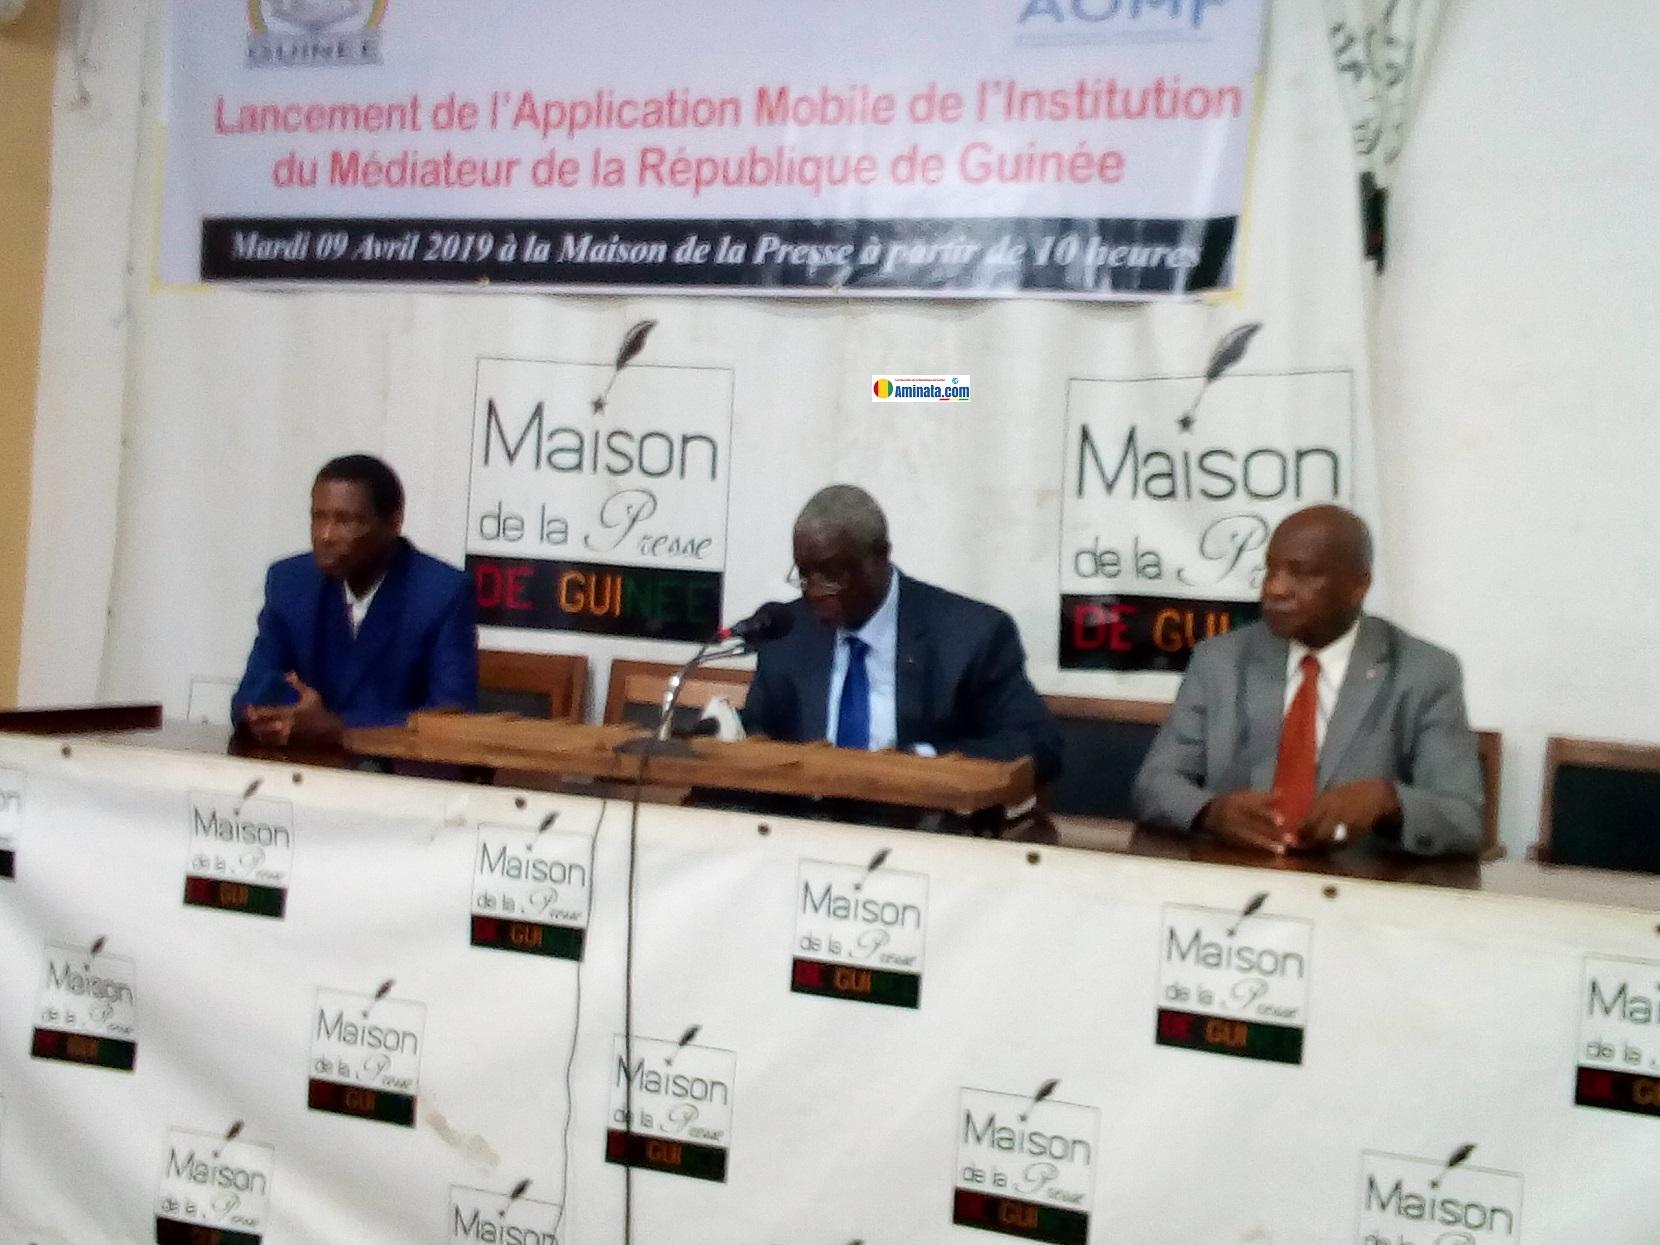 Lors du lancement l'application mobile de l'Institution Médiateur de la République à la maison de la presse